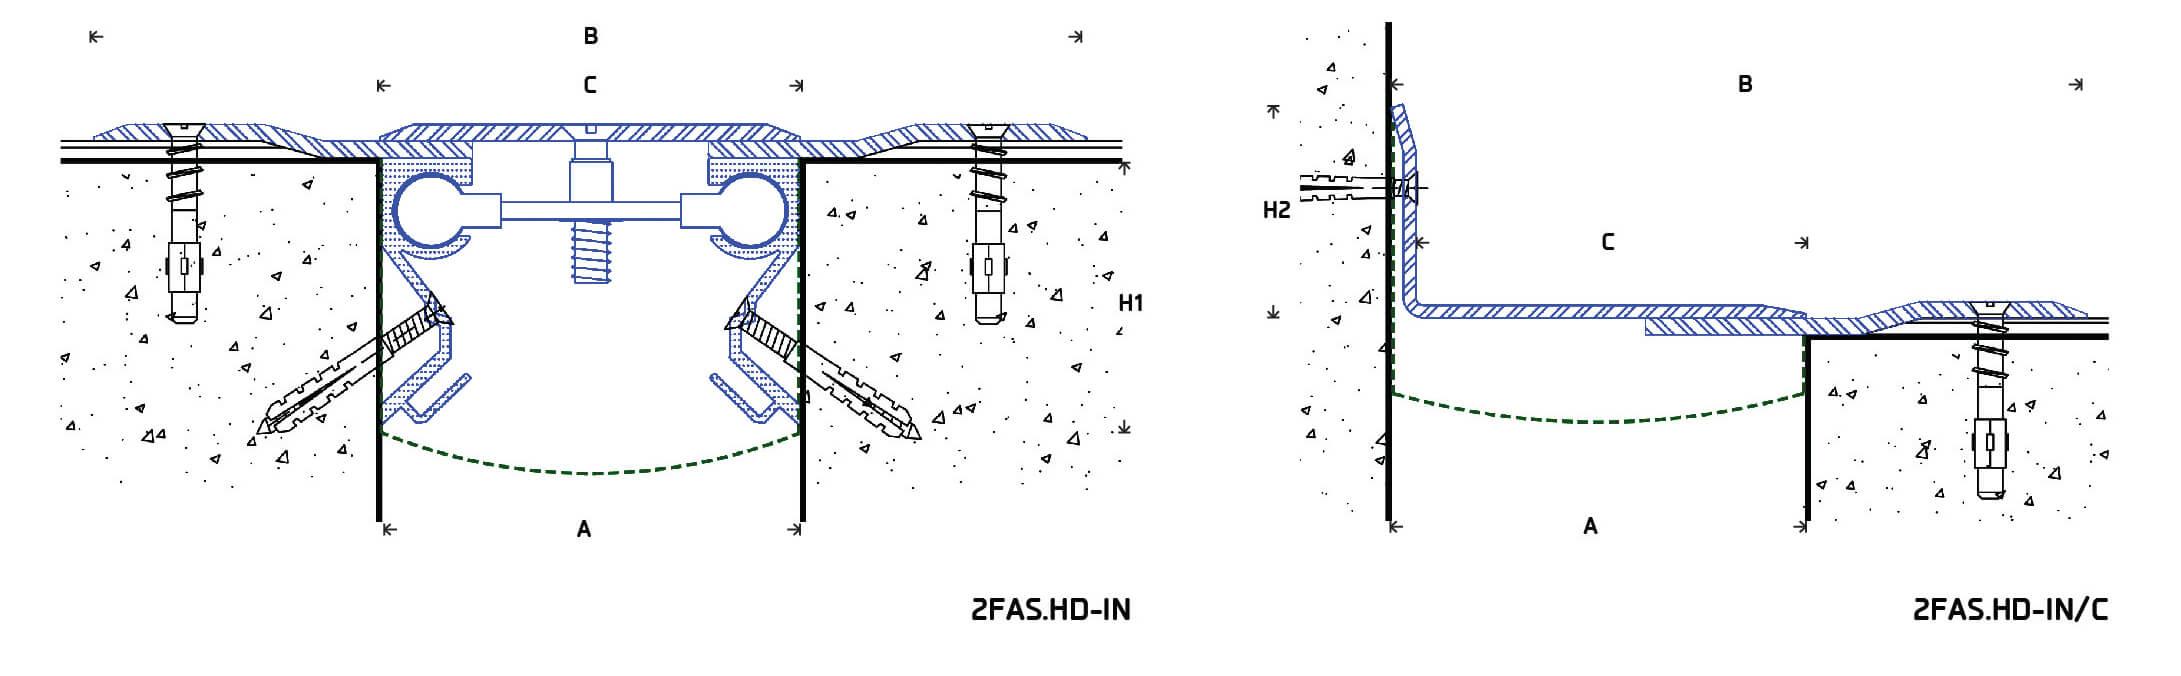 2FAS.HD-IN